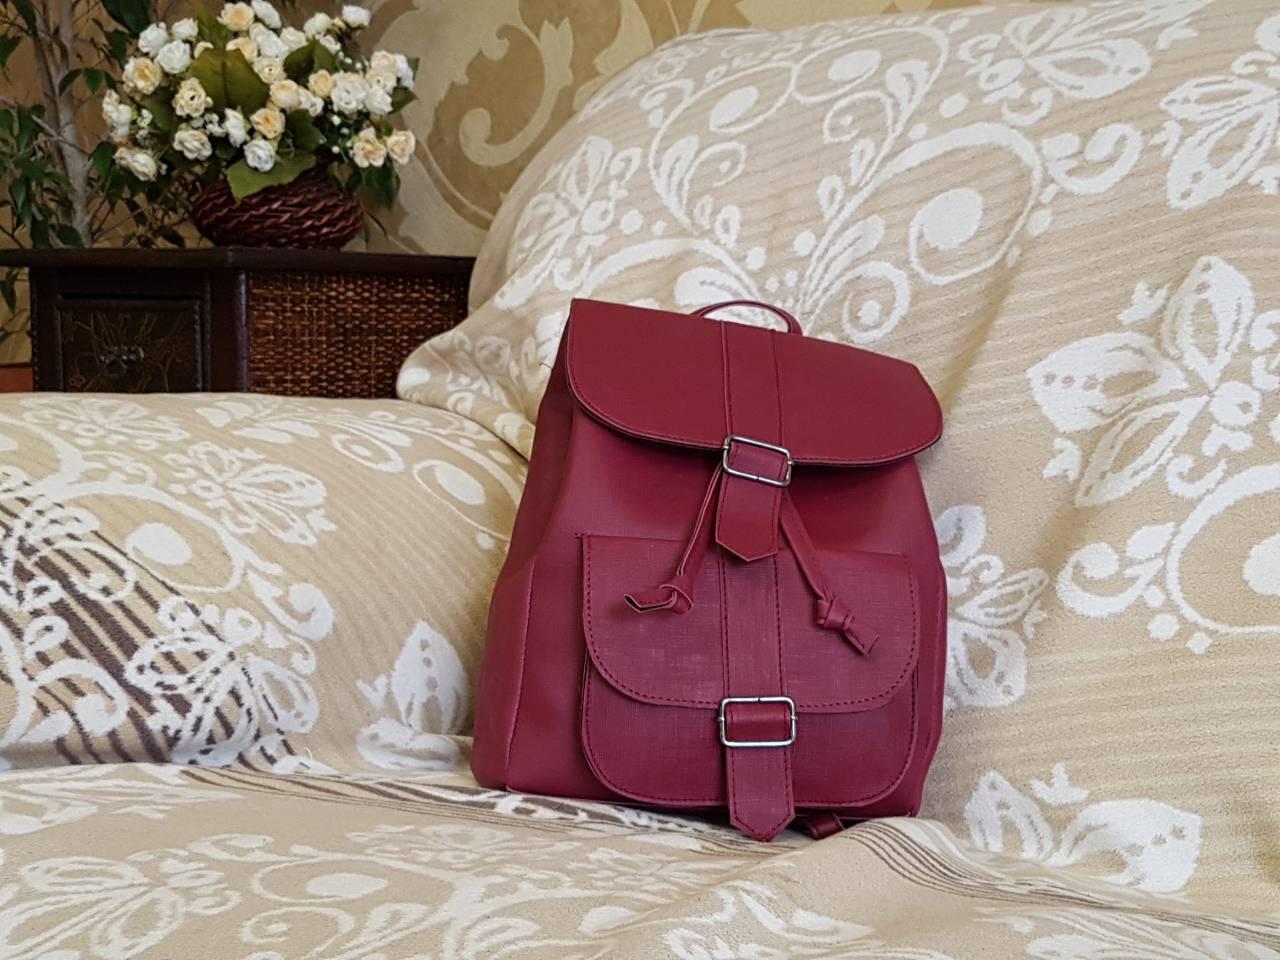 6a736994820e Женский рюкзак Валиде4 Vogue, осенний рюкзак Valide4 - Sion Lux – Рюкзаки и  сумки в